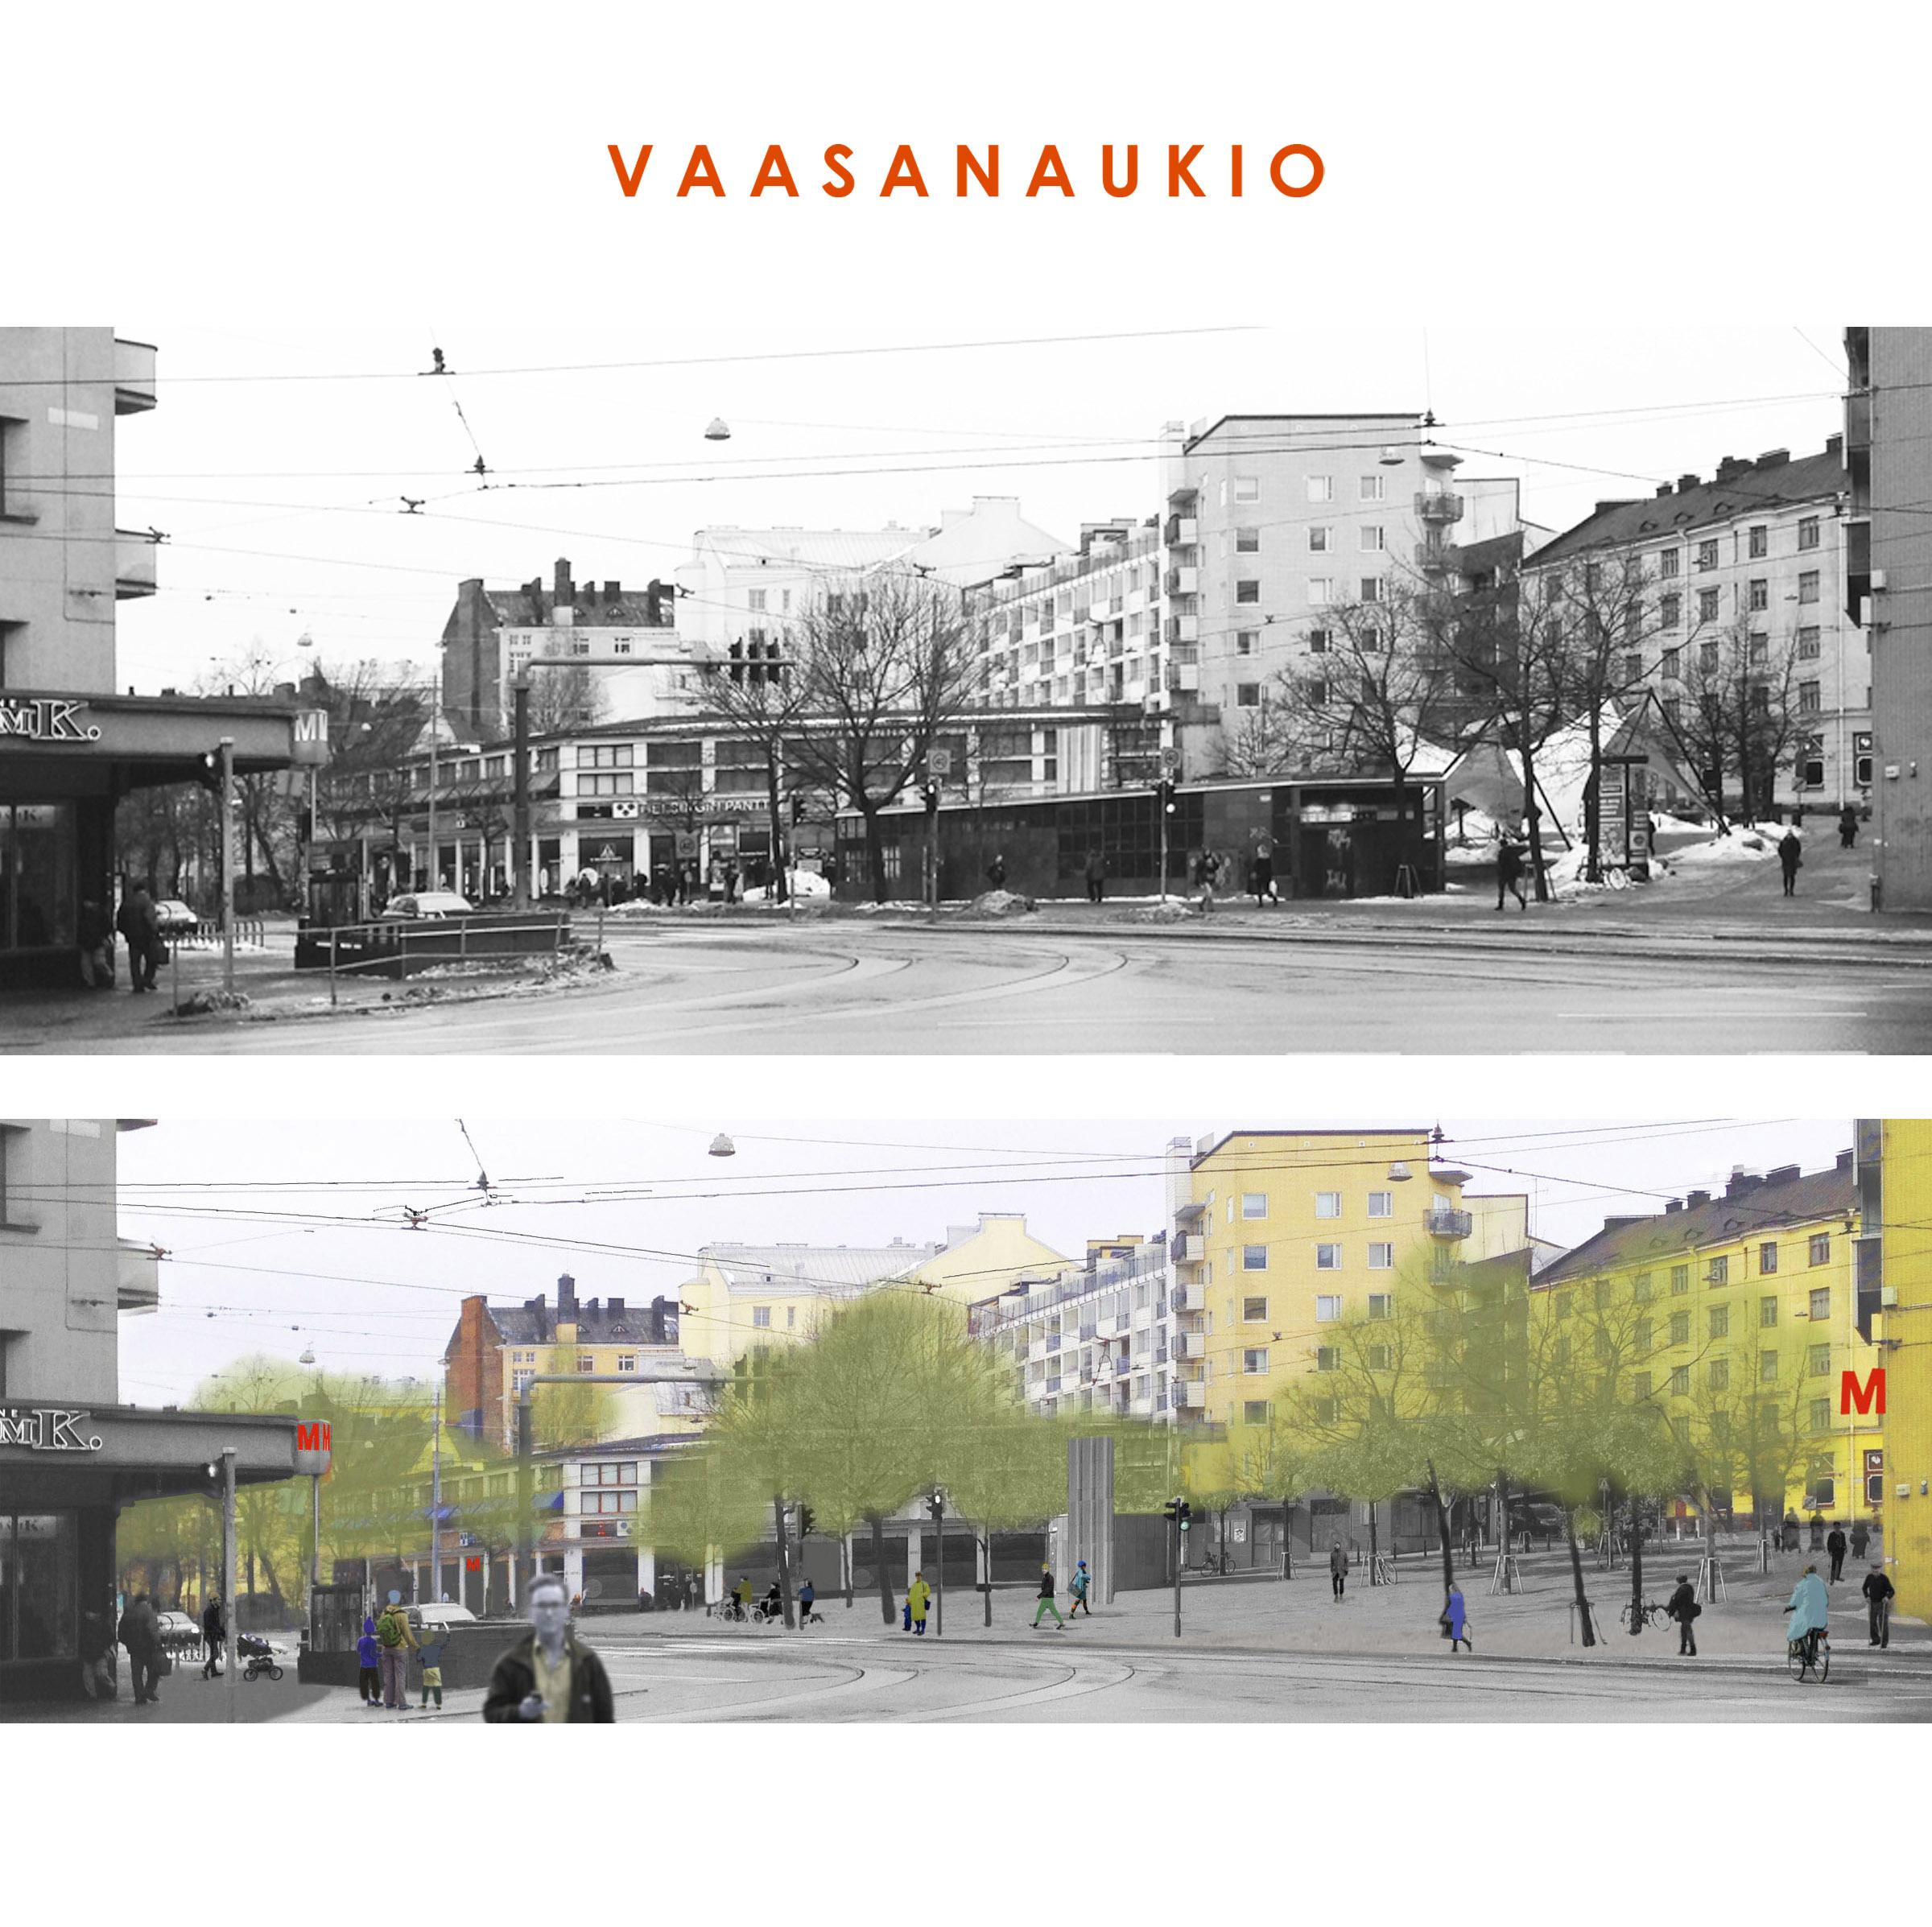 Helsingin Vaasanaukiosta saa viihtyisän siirtämällä metron sisäänkäynnin